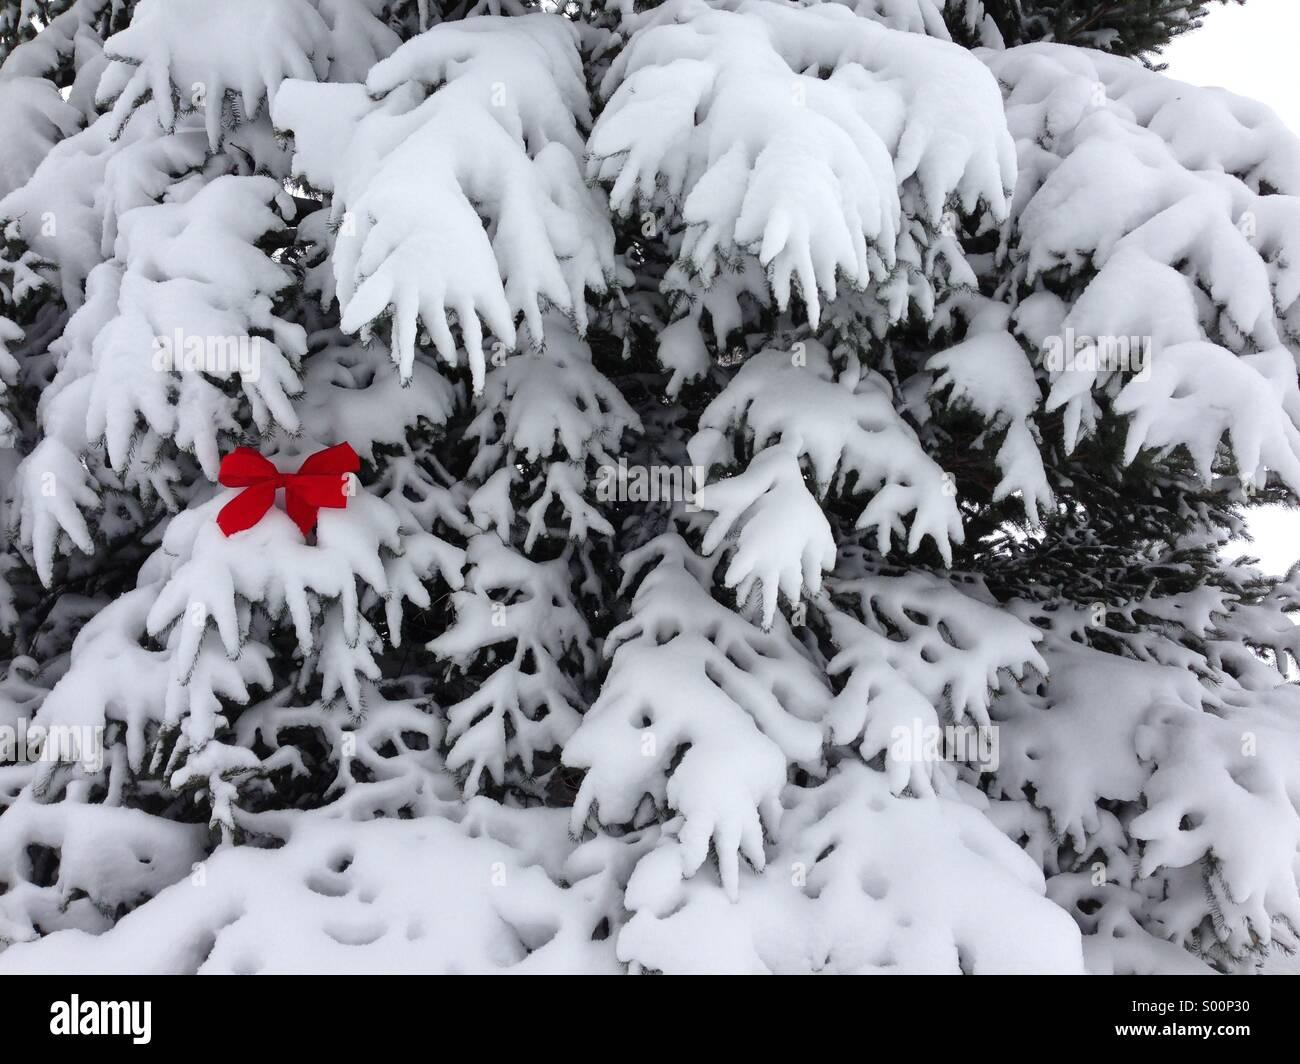 Un fiocco rosso sulla neve fresca di un albero di pino. Immagini Stock